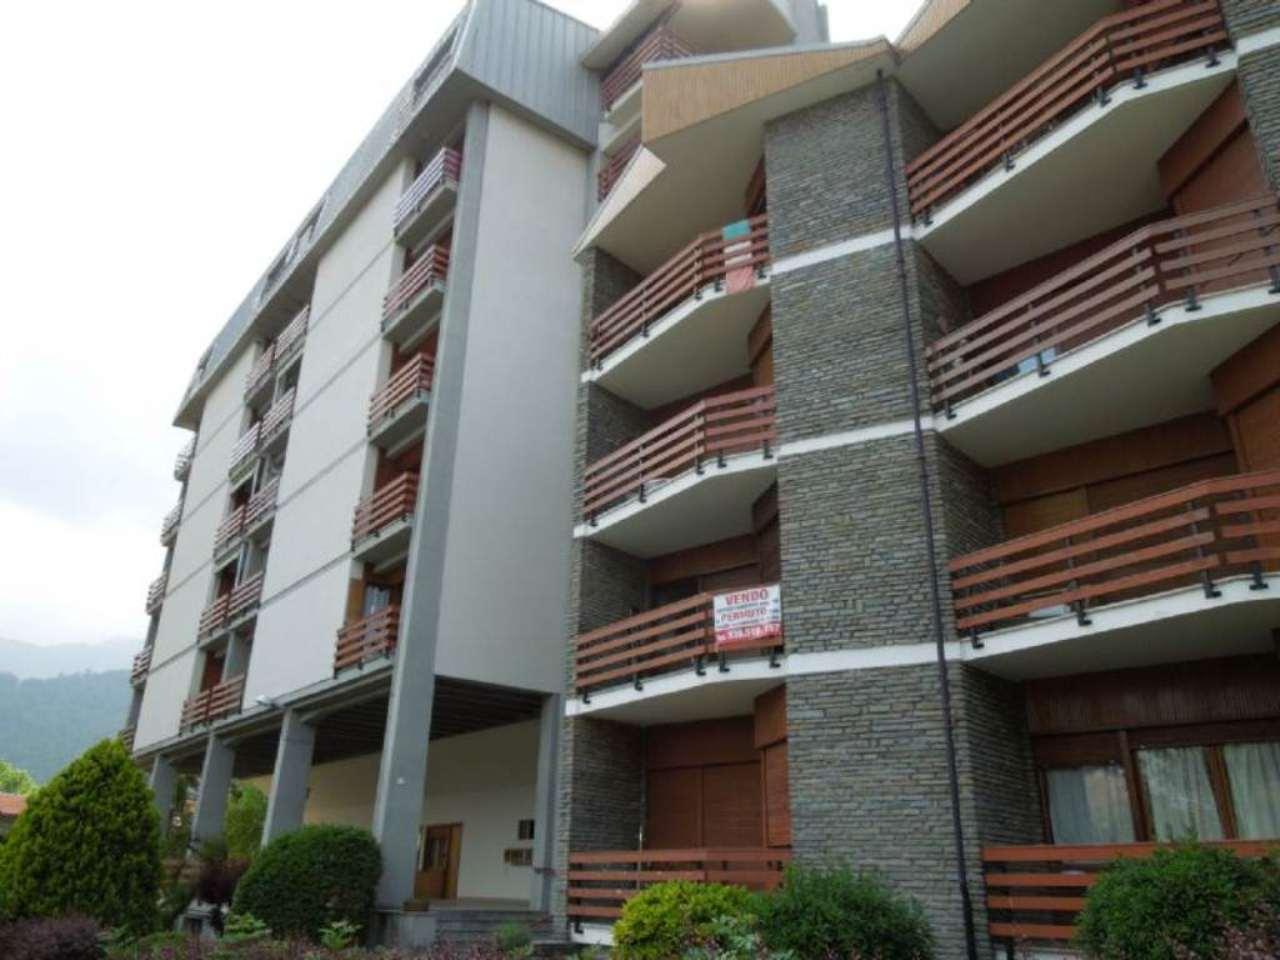 Appartamento in vendita a Coazze, 4 locali, prezzo € 80.000 | CambioCasa.it